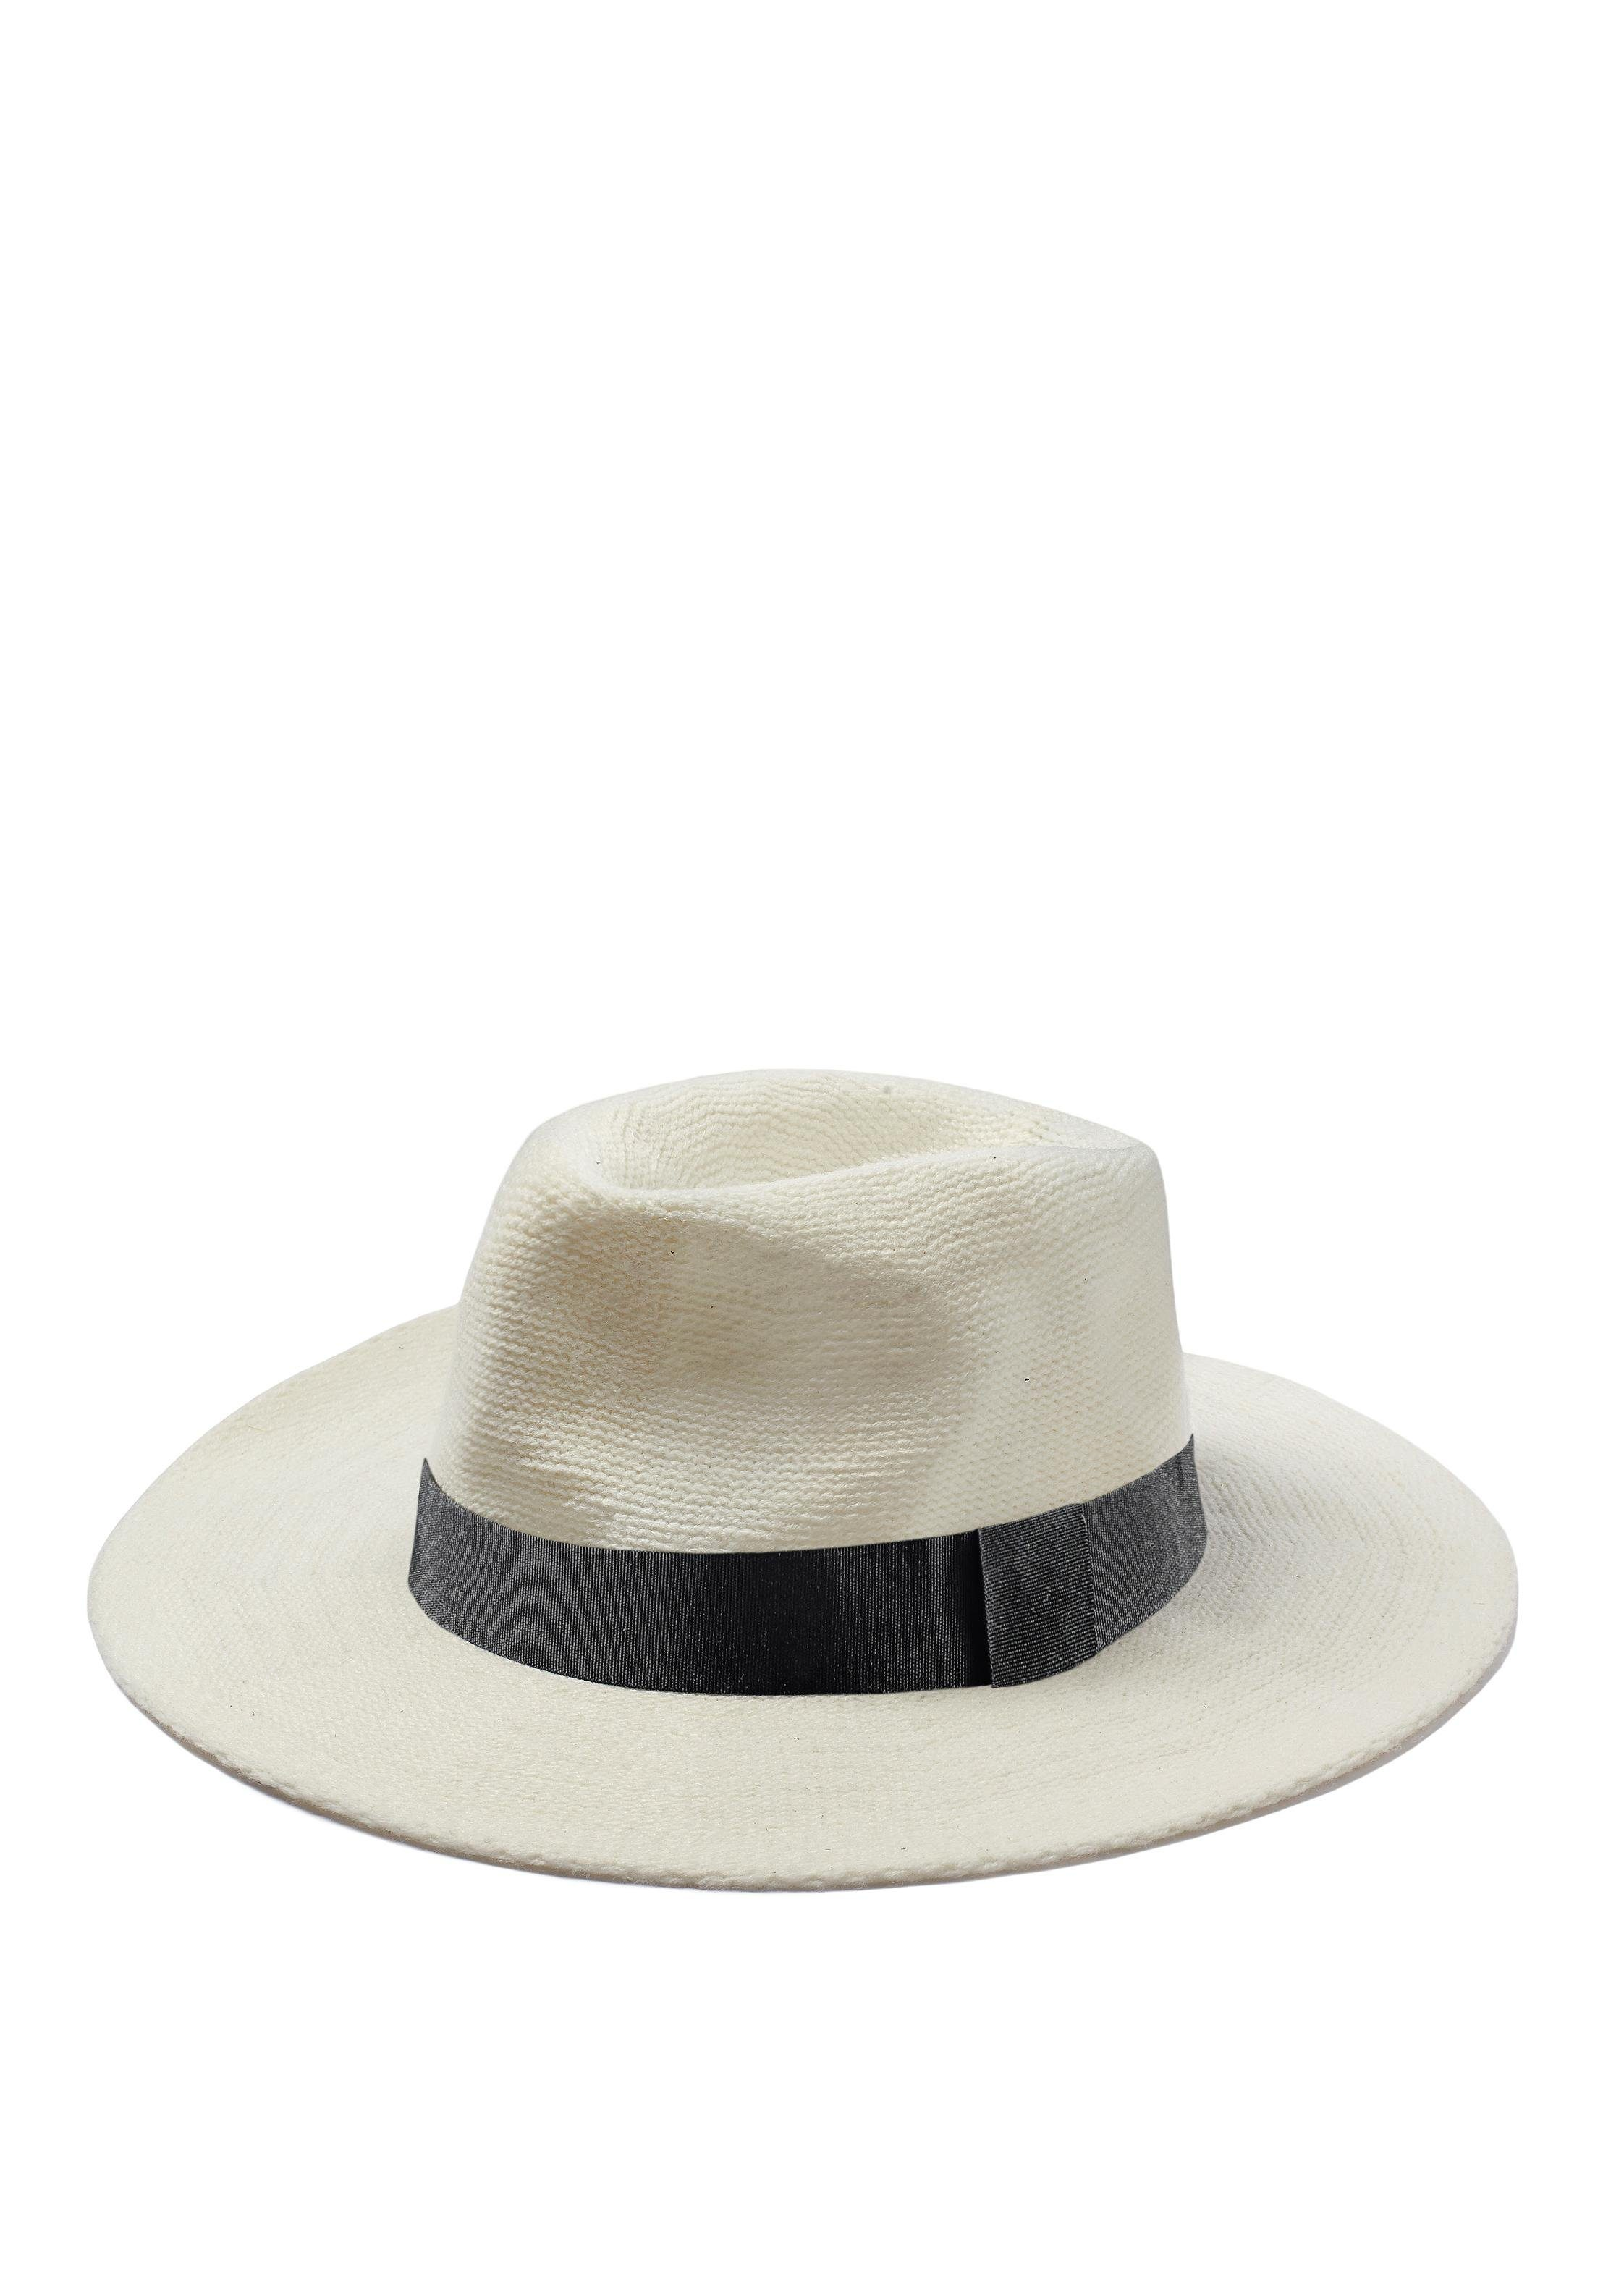 LASCANA Cowboyhut   Accessoires > Hüte > Cowboyhüte   Lascana